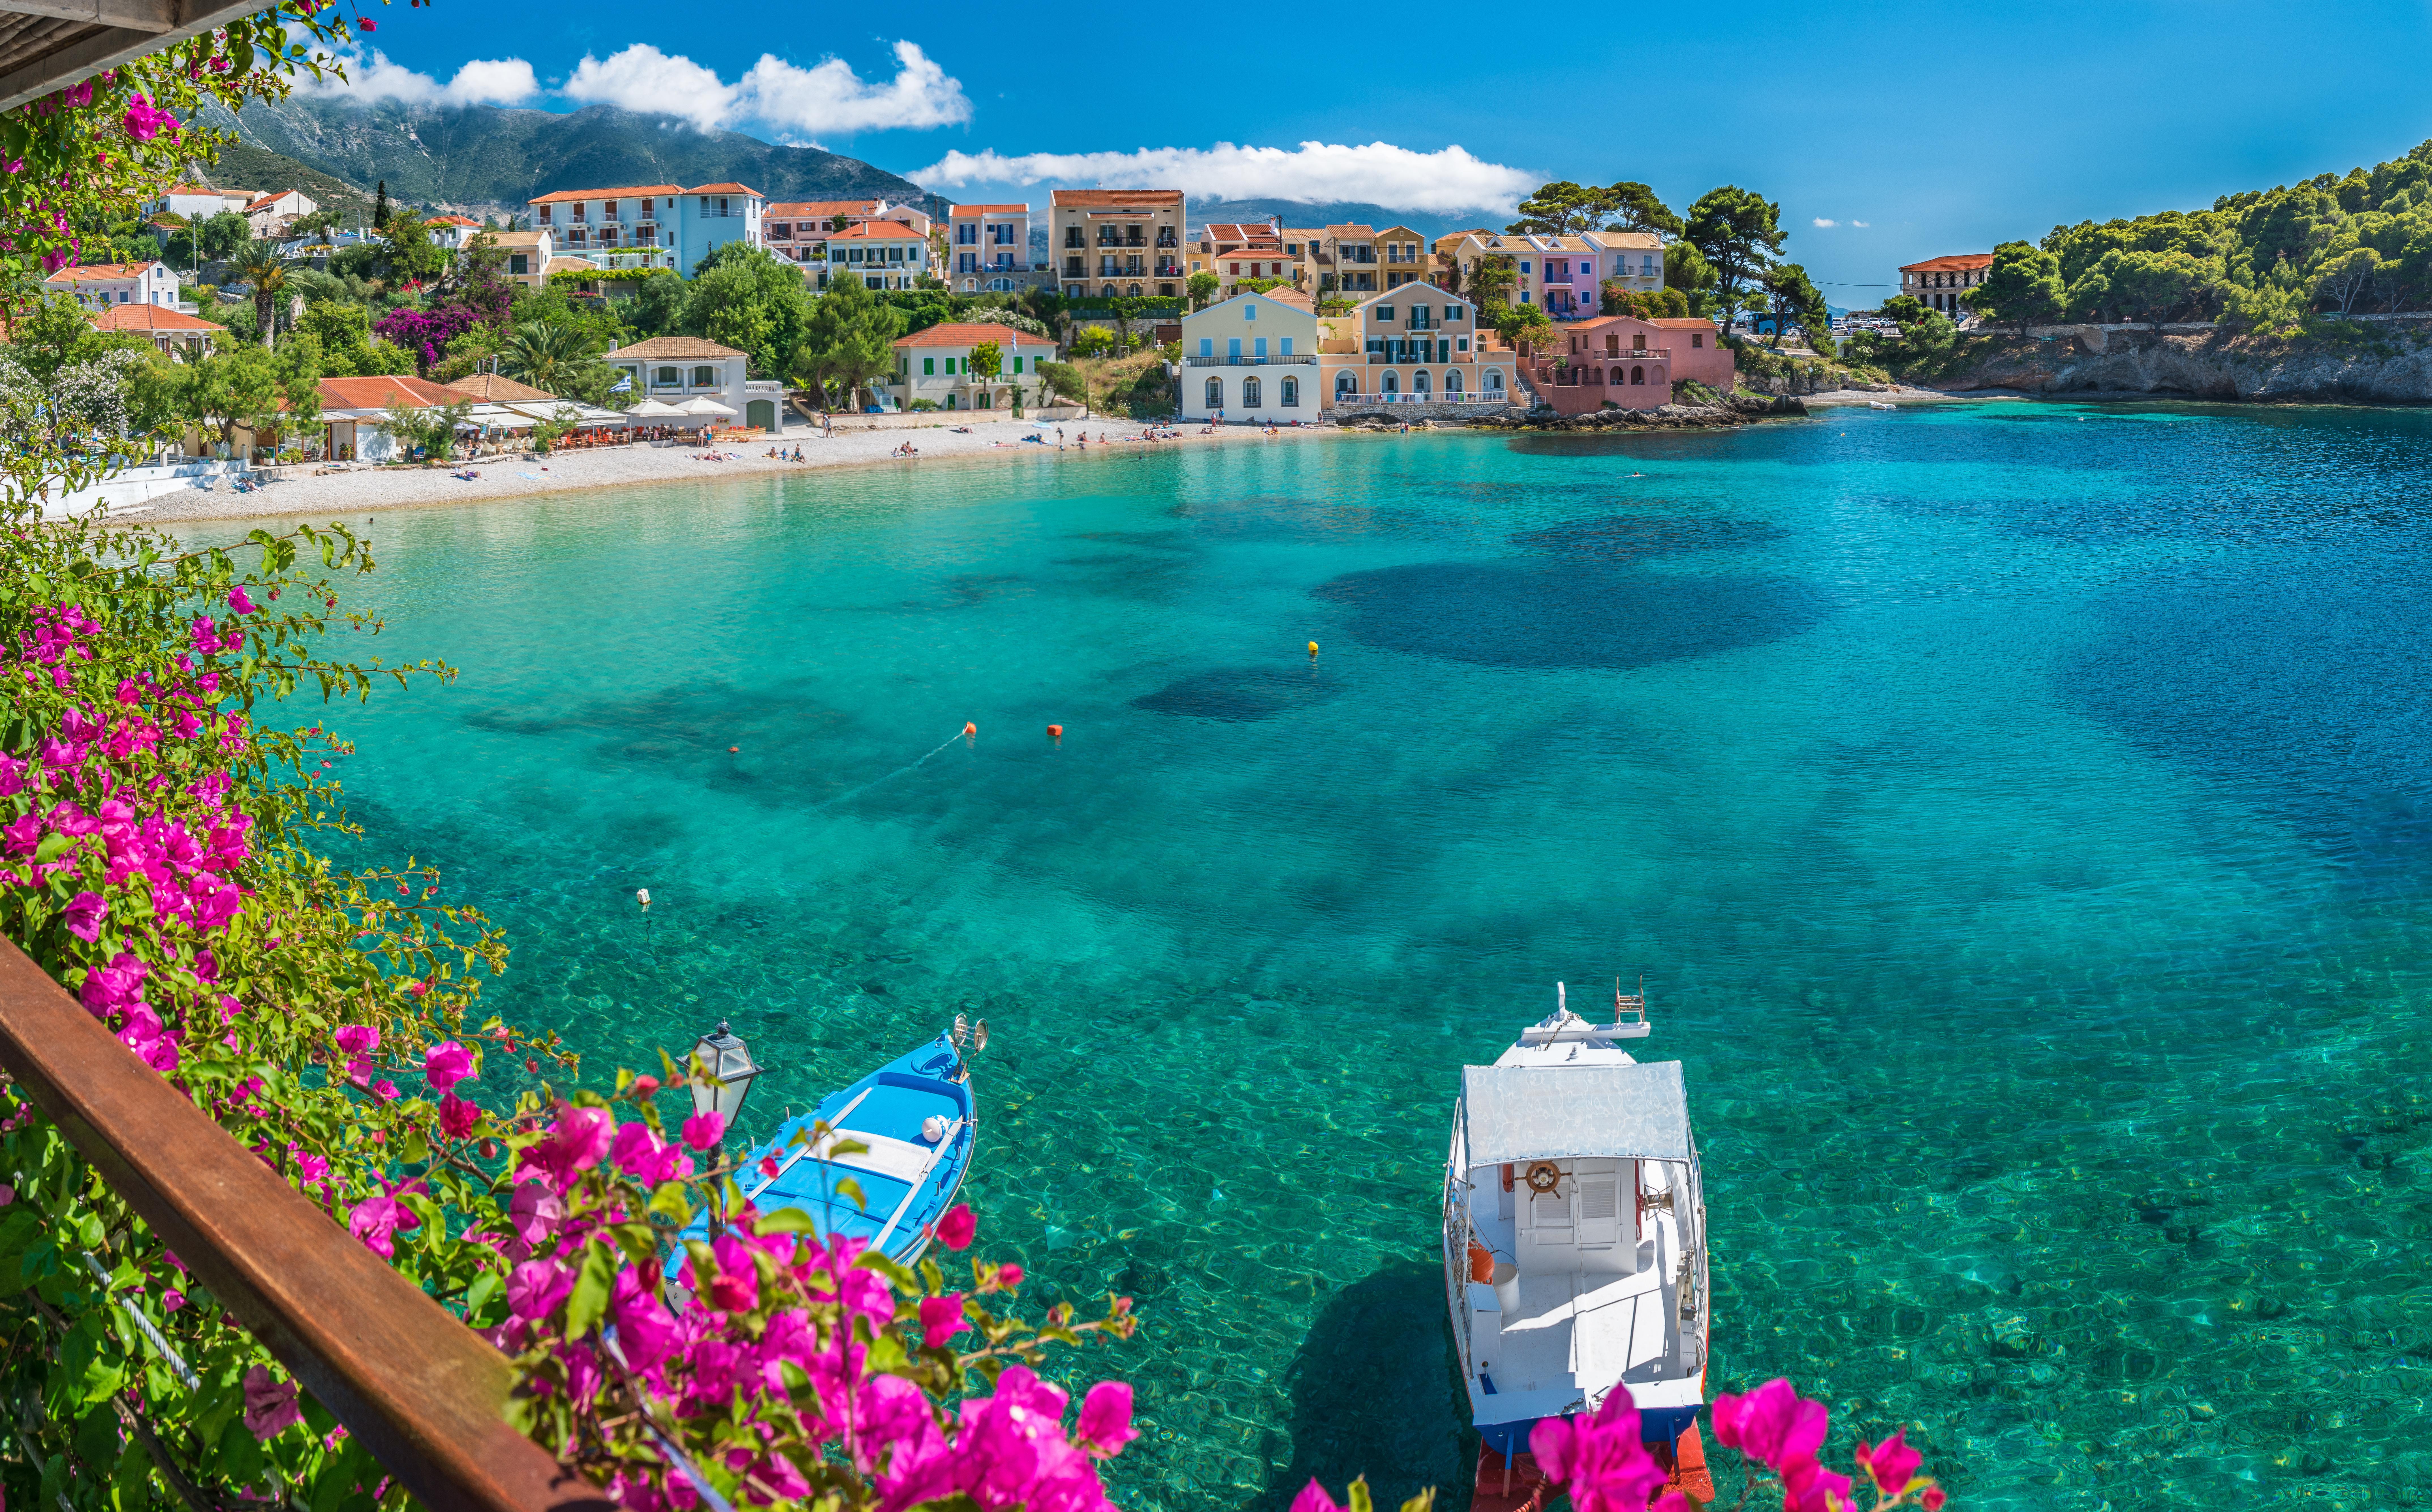 Bu Yaz Bitmeden Görmeniz Gereken Mavilikler Ülkesi Yunanistan